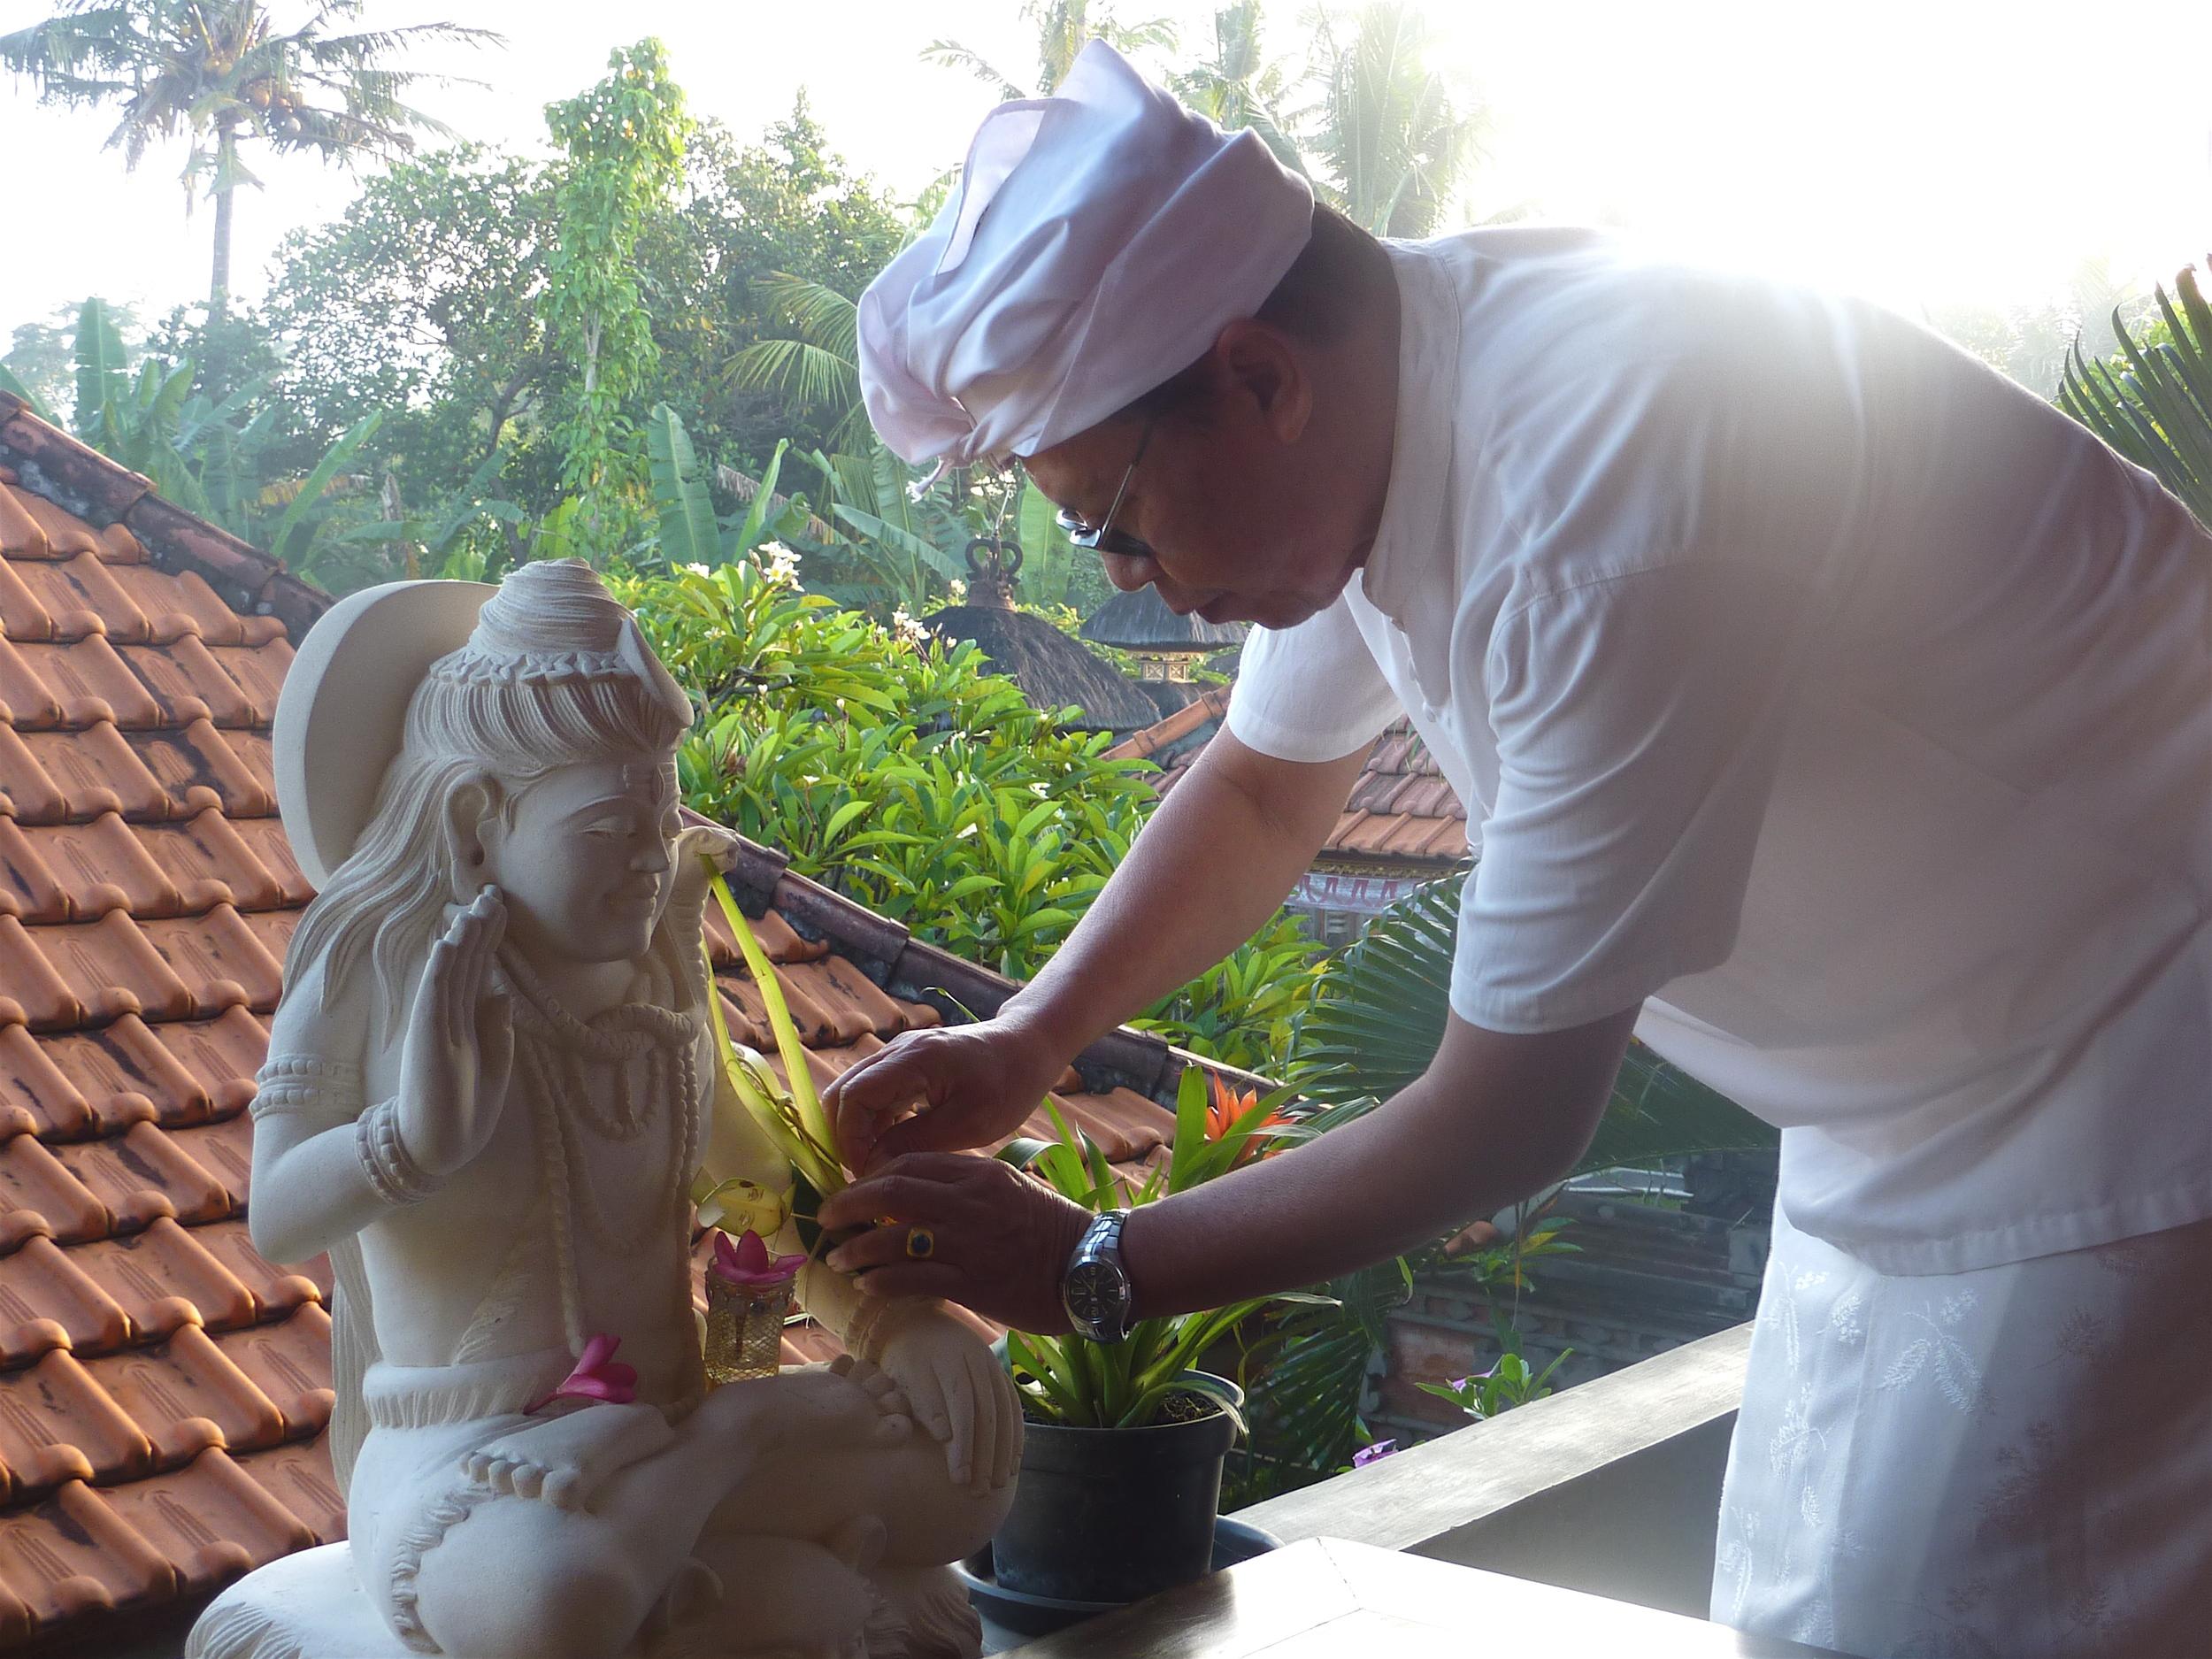 Bapak preparing Siwa.JPG